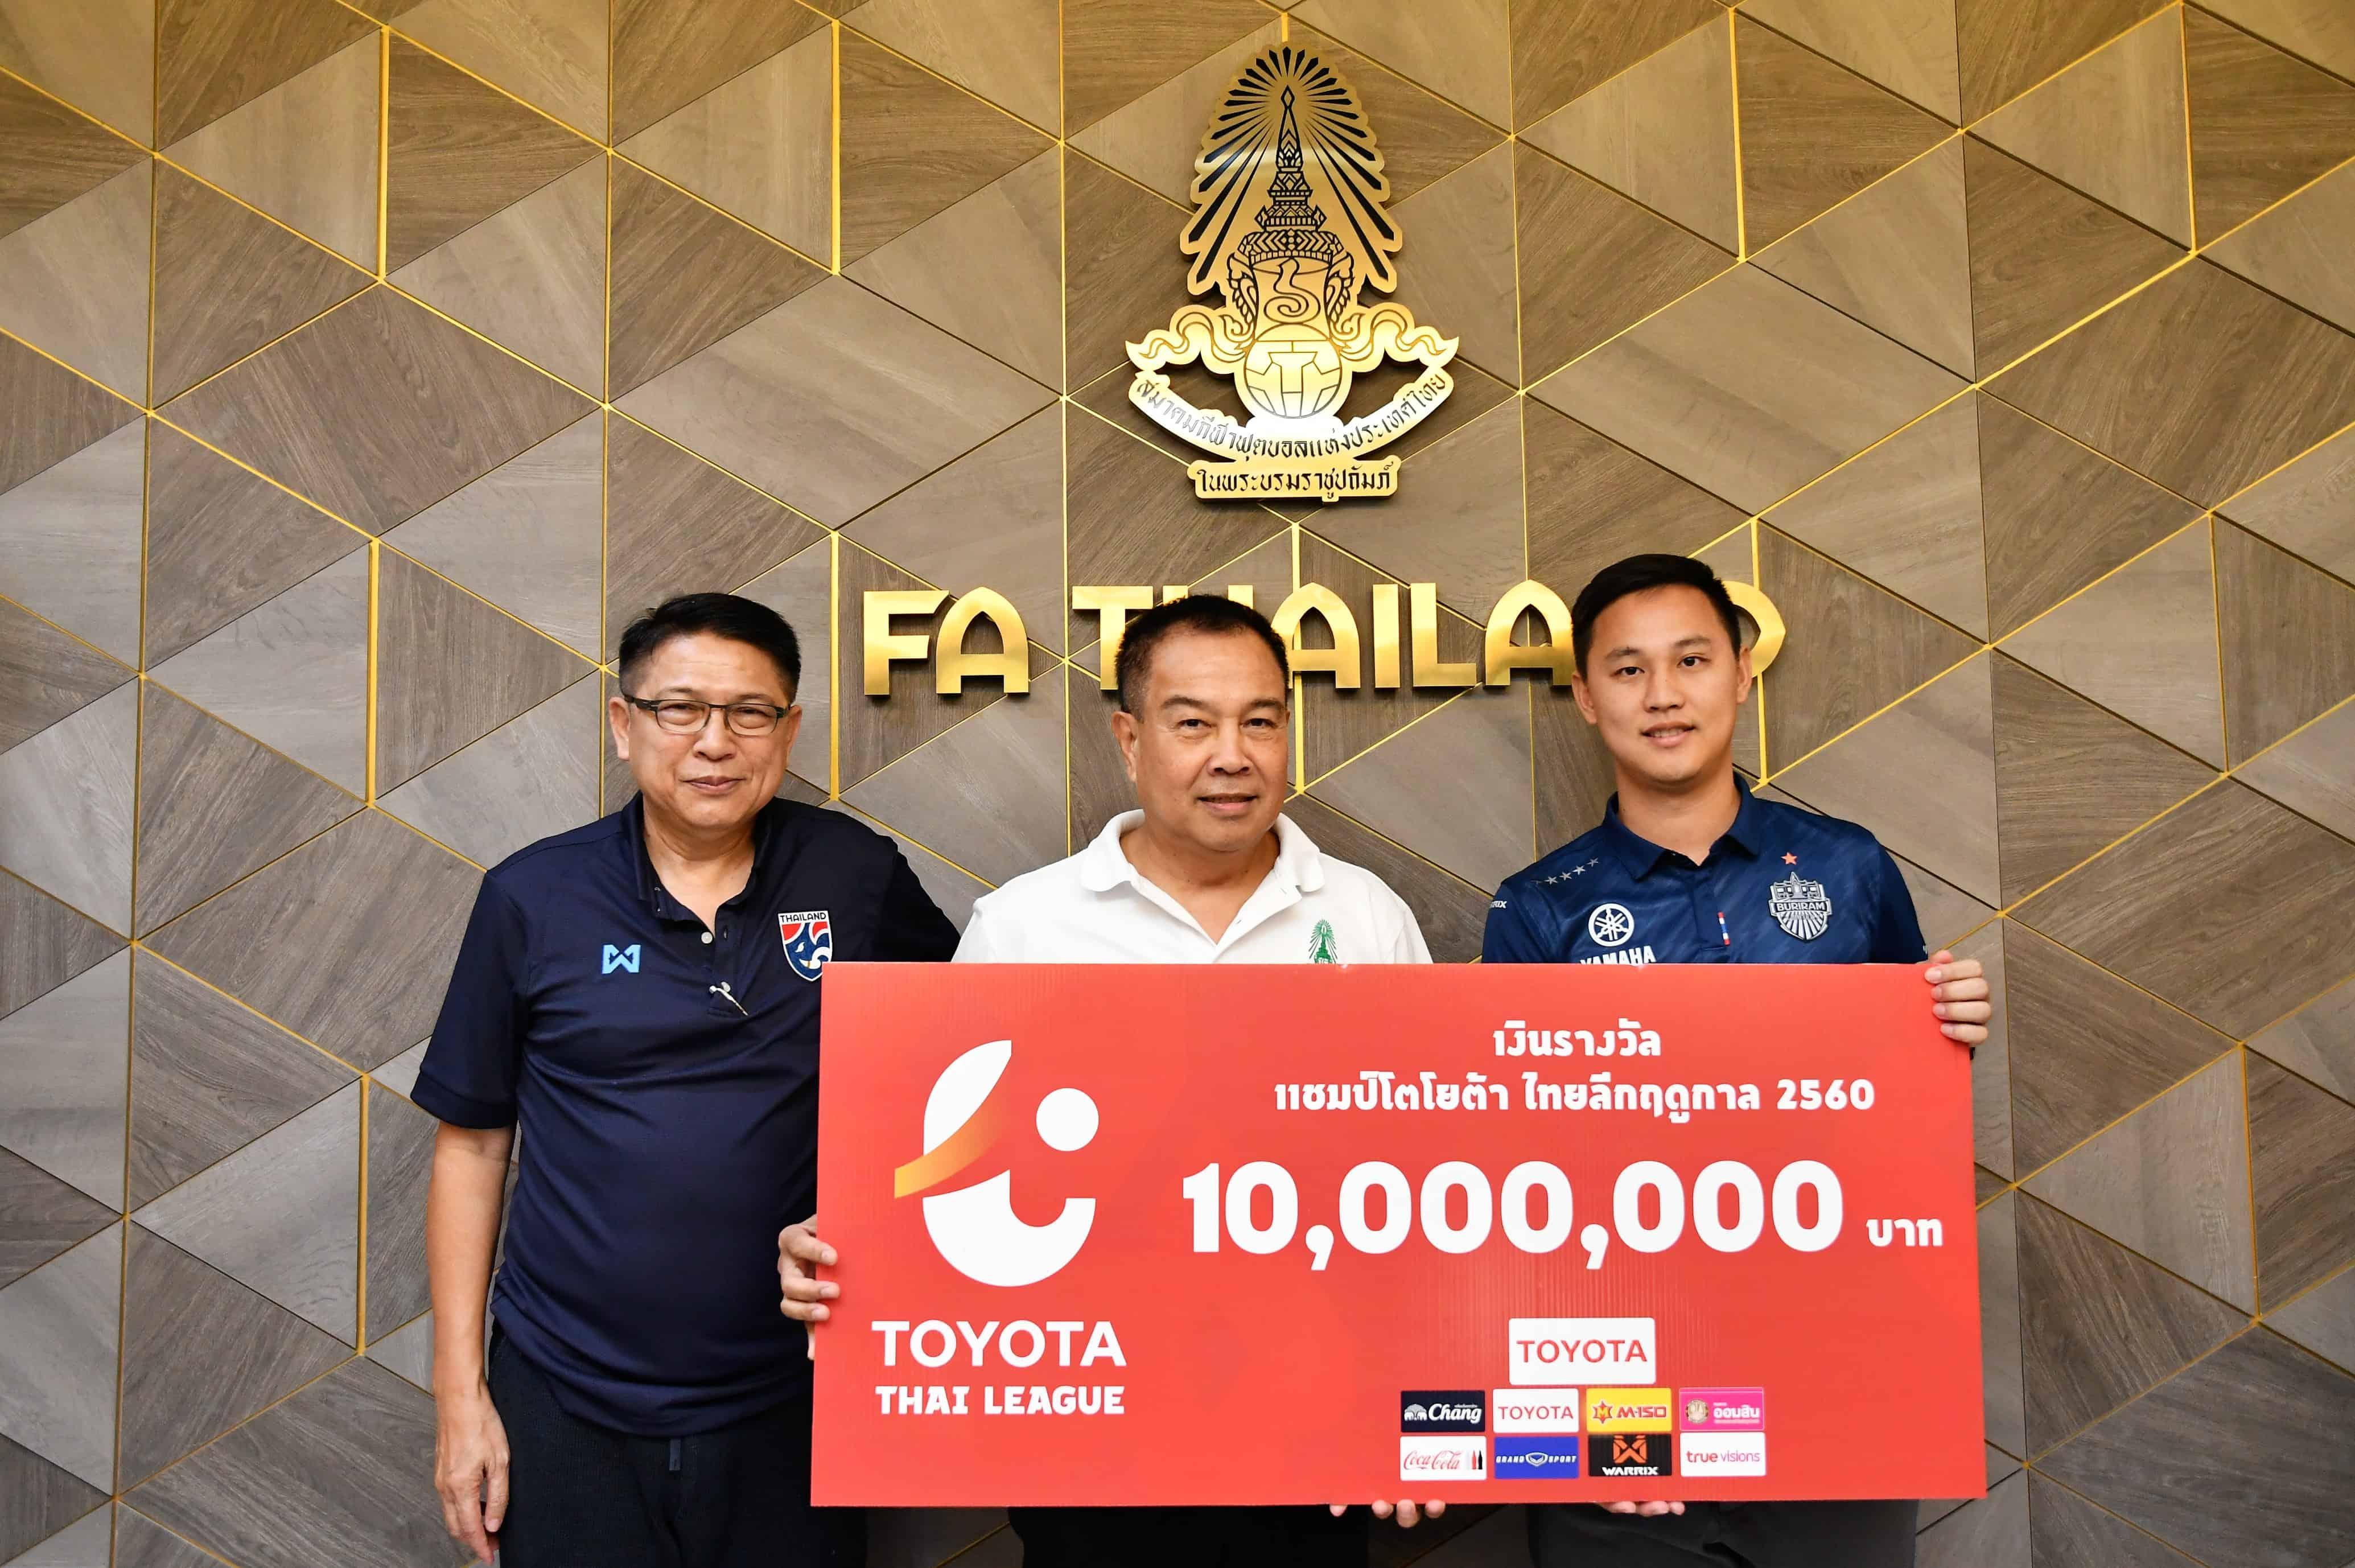 สมาคมกีฬาฟุตบอลแห่งประเทศไทยฯ